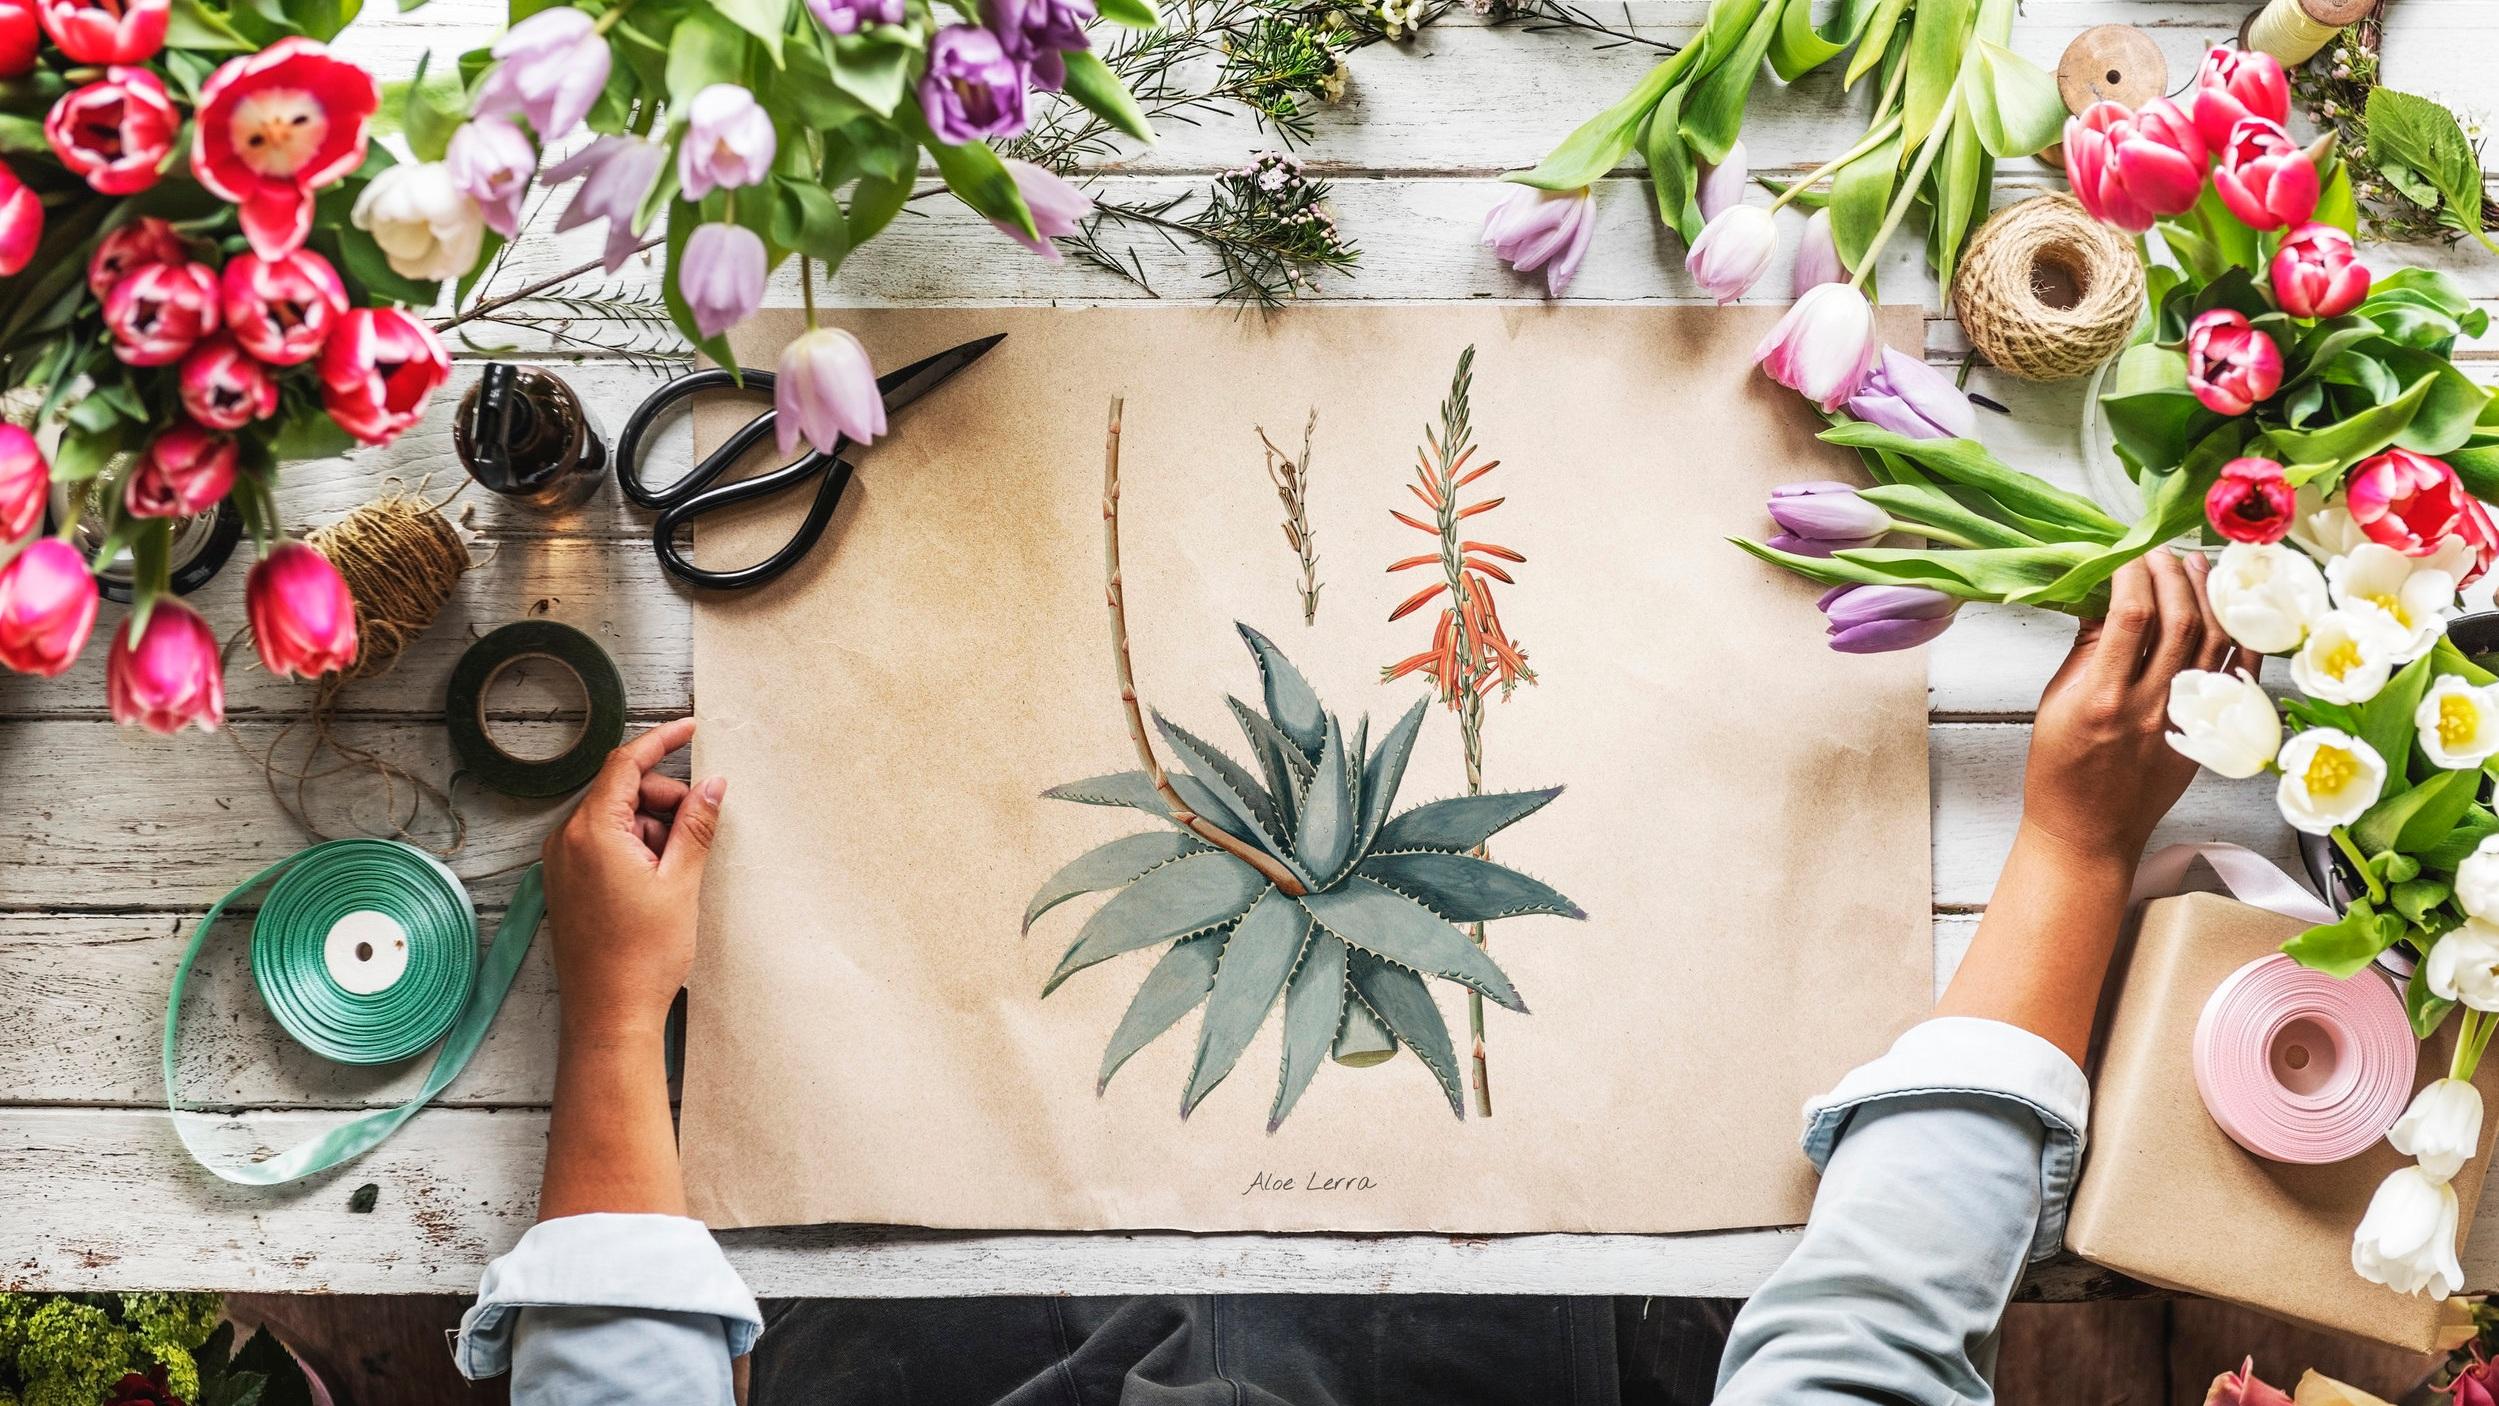 Atelier 7 Artes - O Atelier 7 Artes é especializado na criação de sabonetes, cosmética e cuidados corporais à base de produtos naturais.